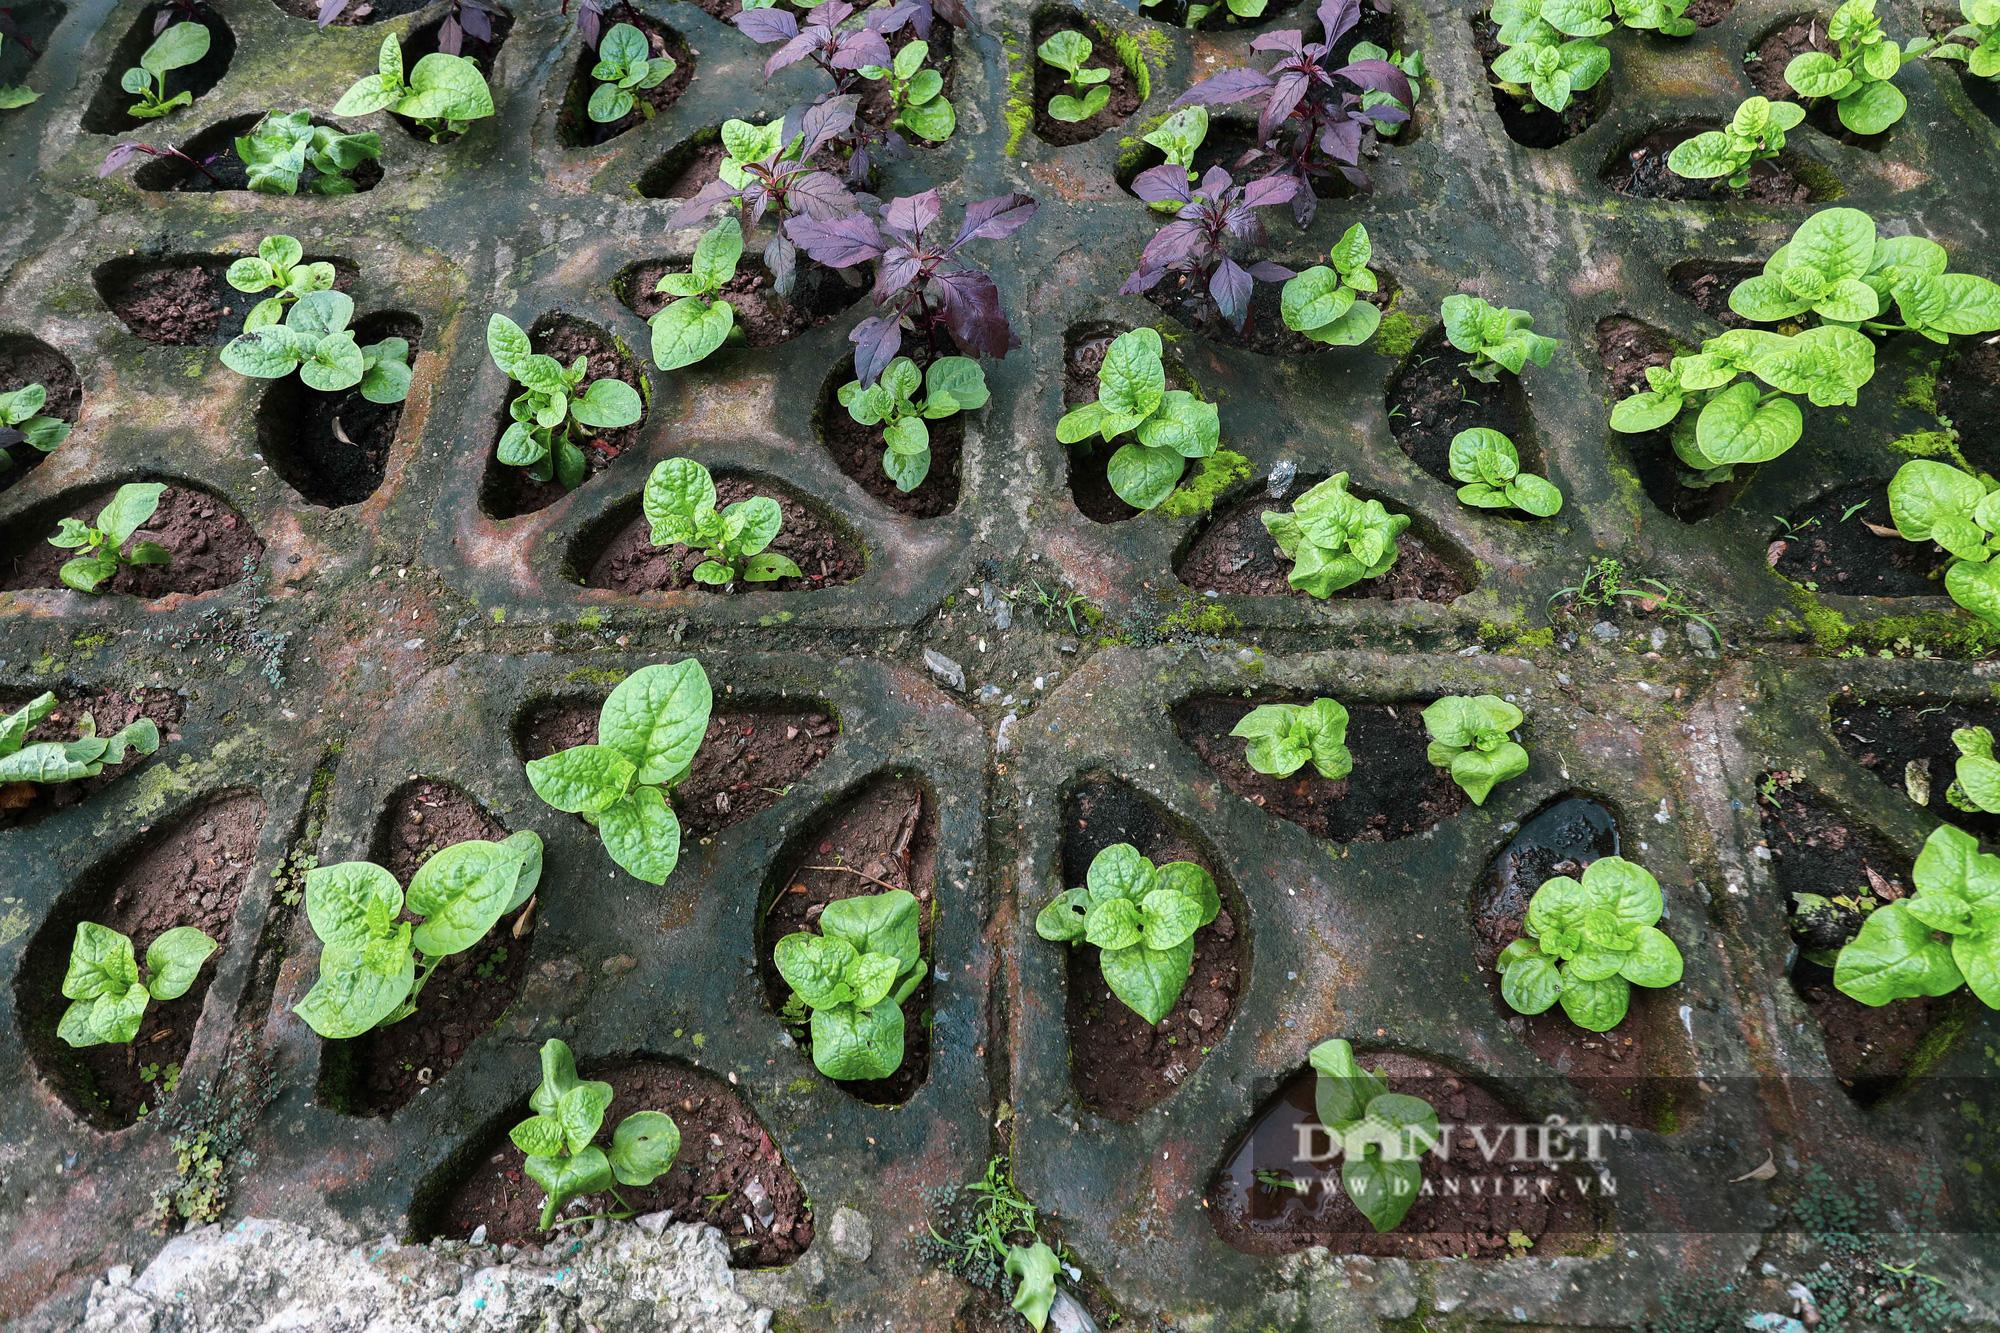 Độc đáo mô hình trồng rau hốc đá ven hồ ở Hà Nội - Ảnh 4.